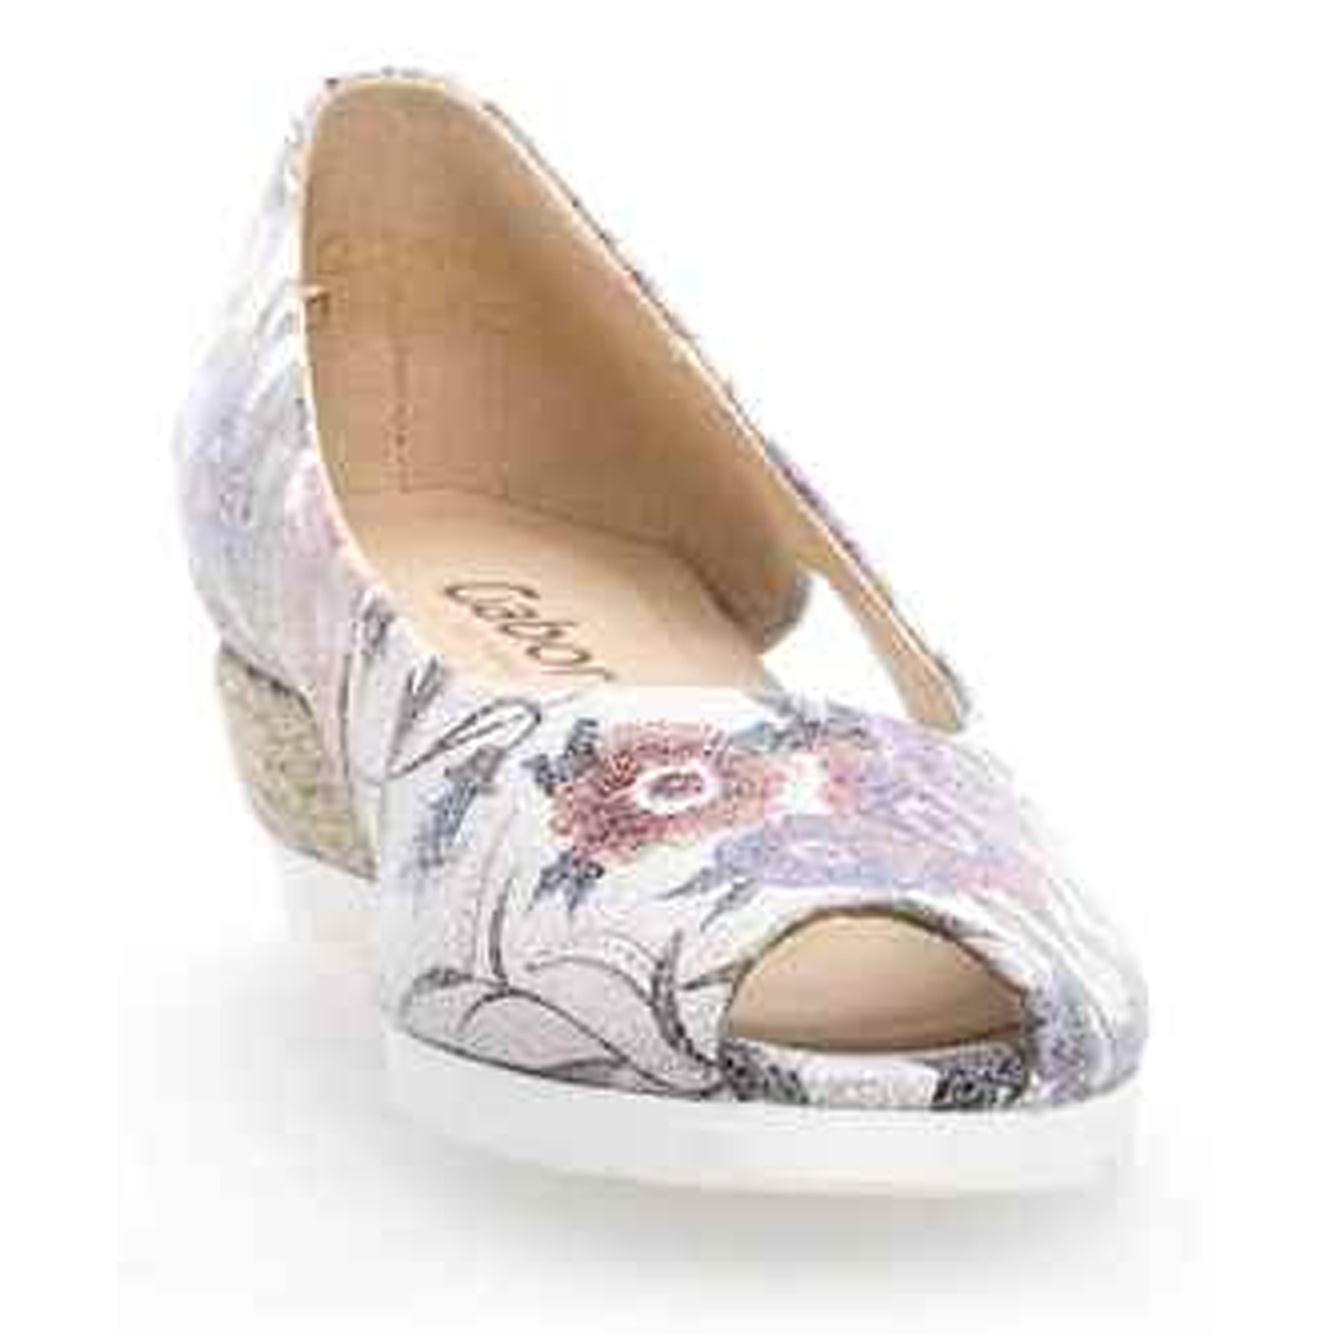 کفش زنانه گابور مدل 82.630.38 main 1 8